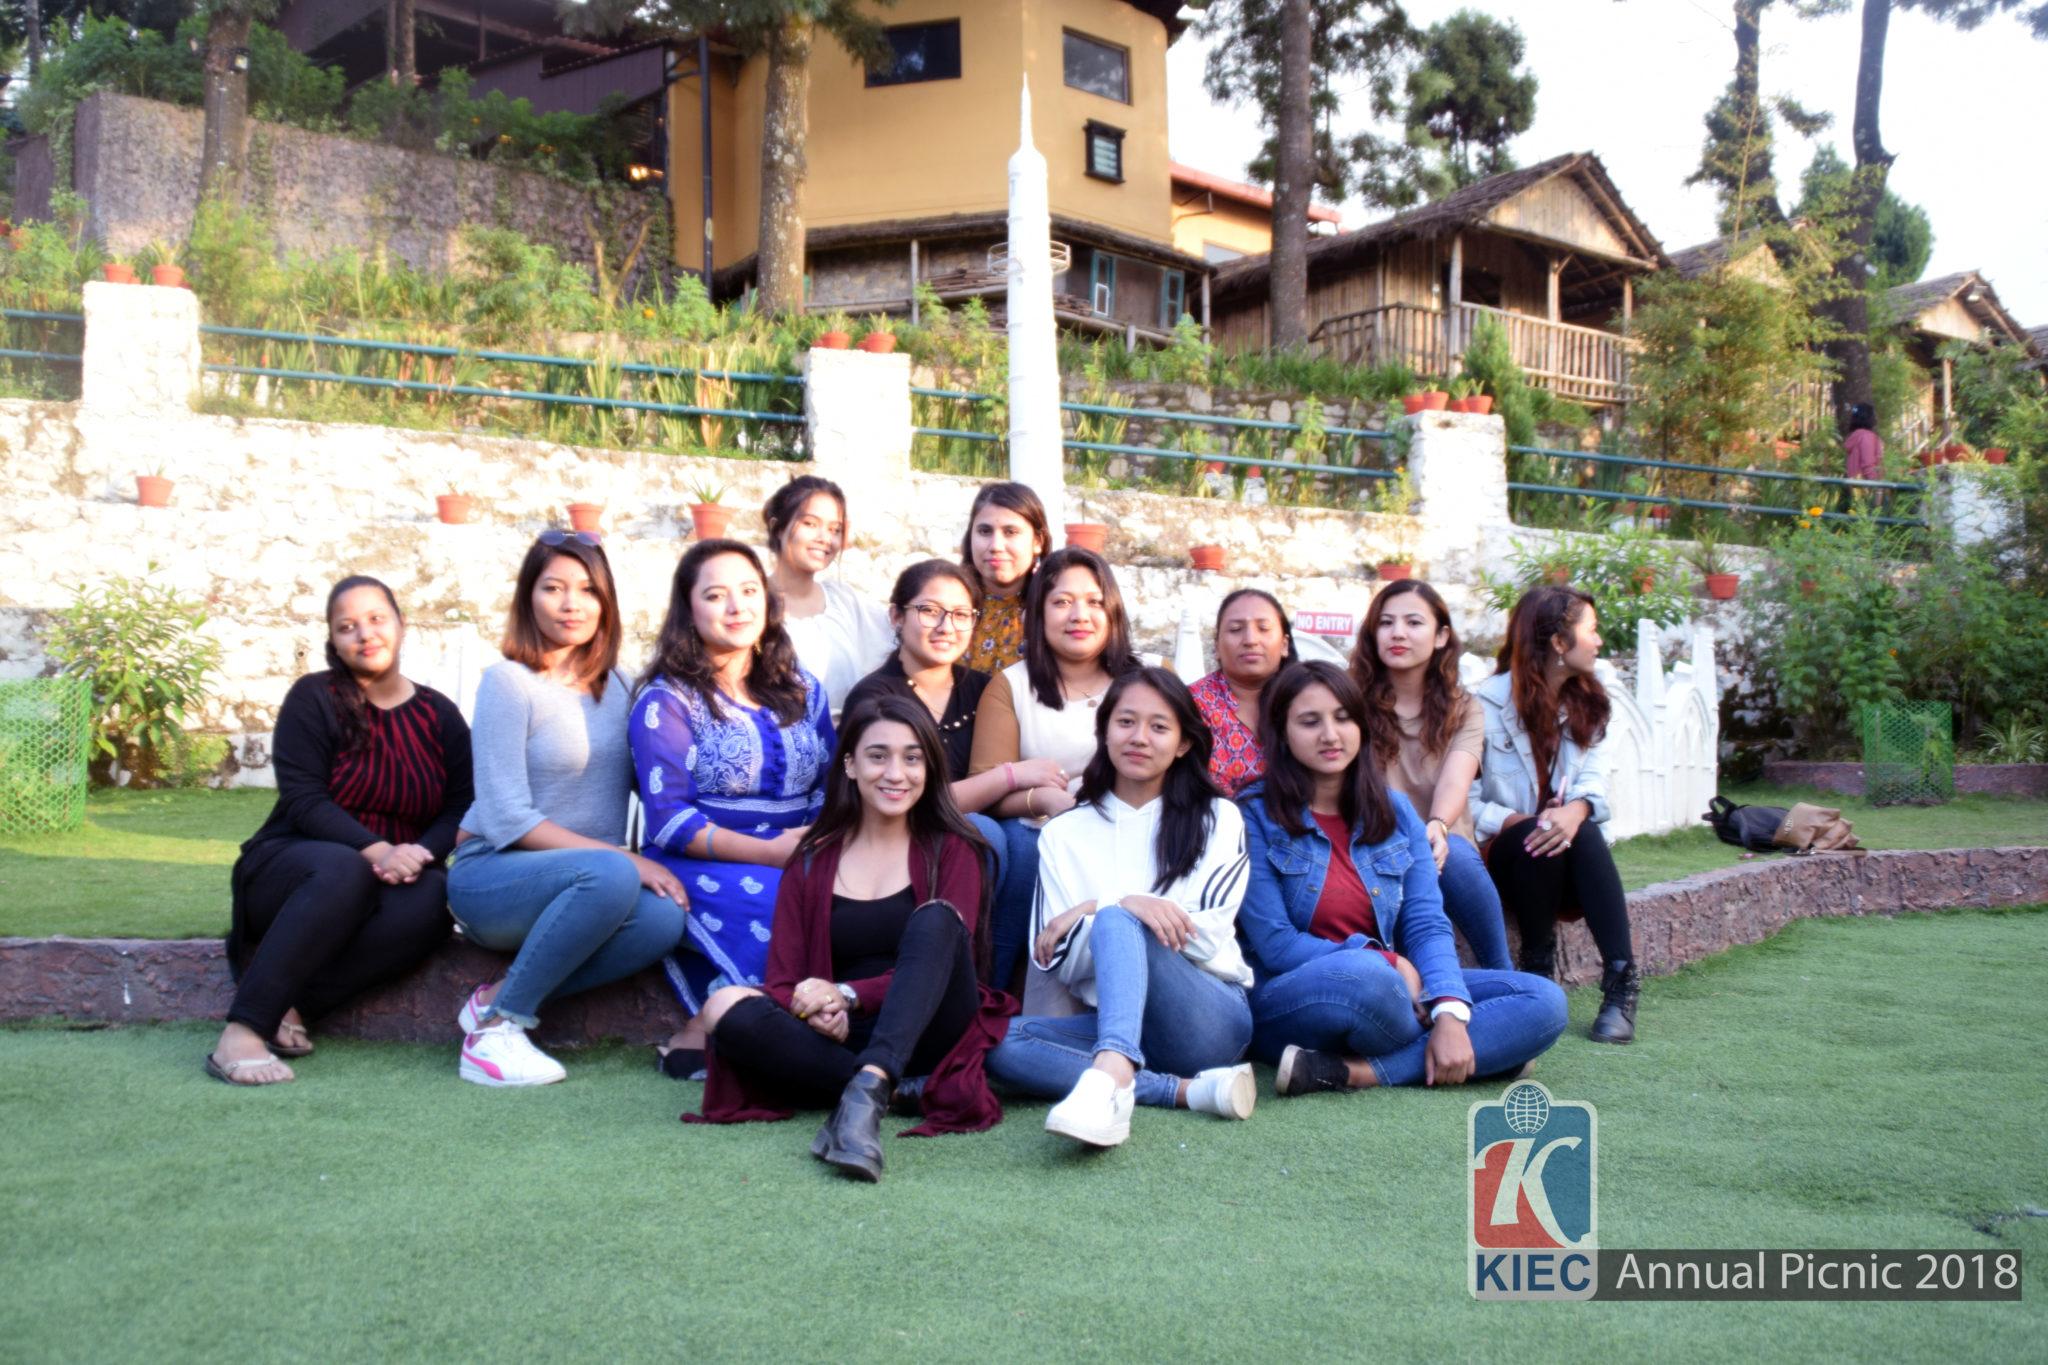 KIEC Group